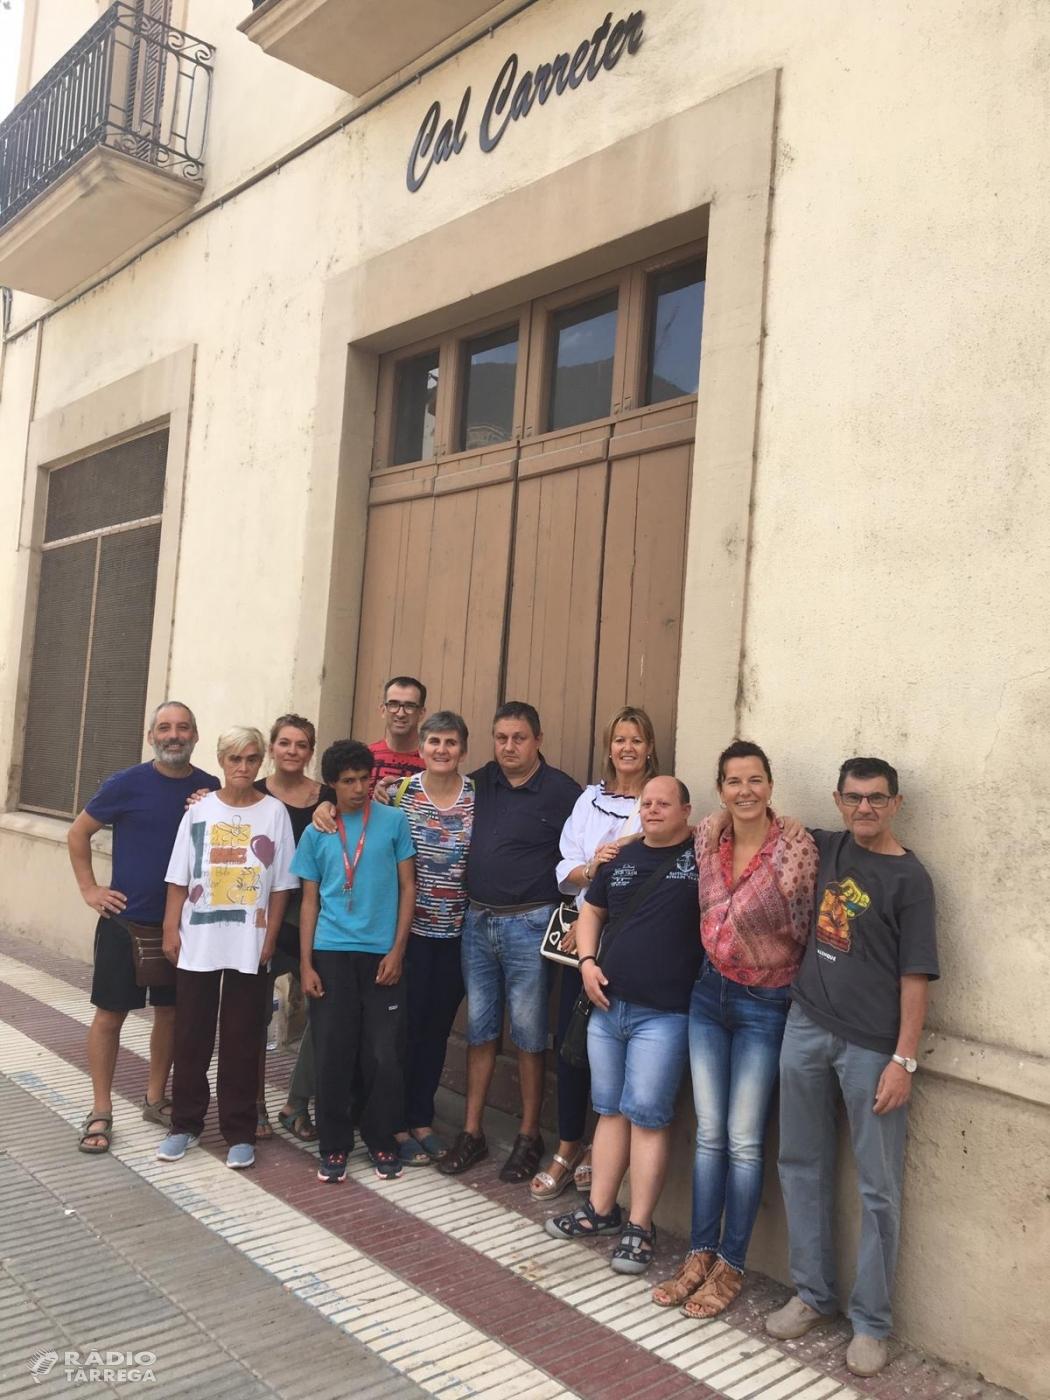 Cal Carreter, el nou espai que obrirà el Grup Alba a Agramunt amb l'objectiu d'apropar els serveis a les persones